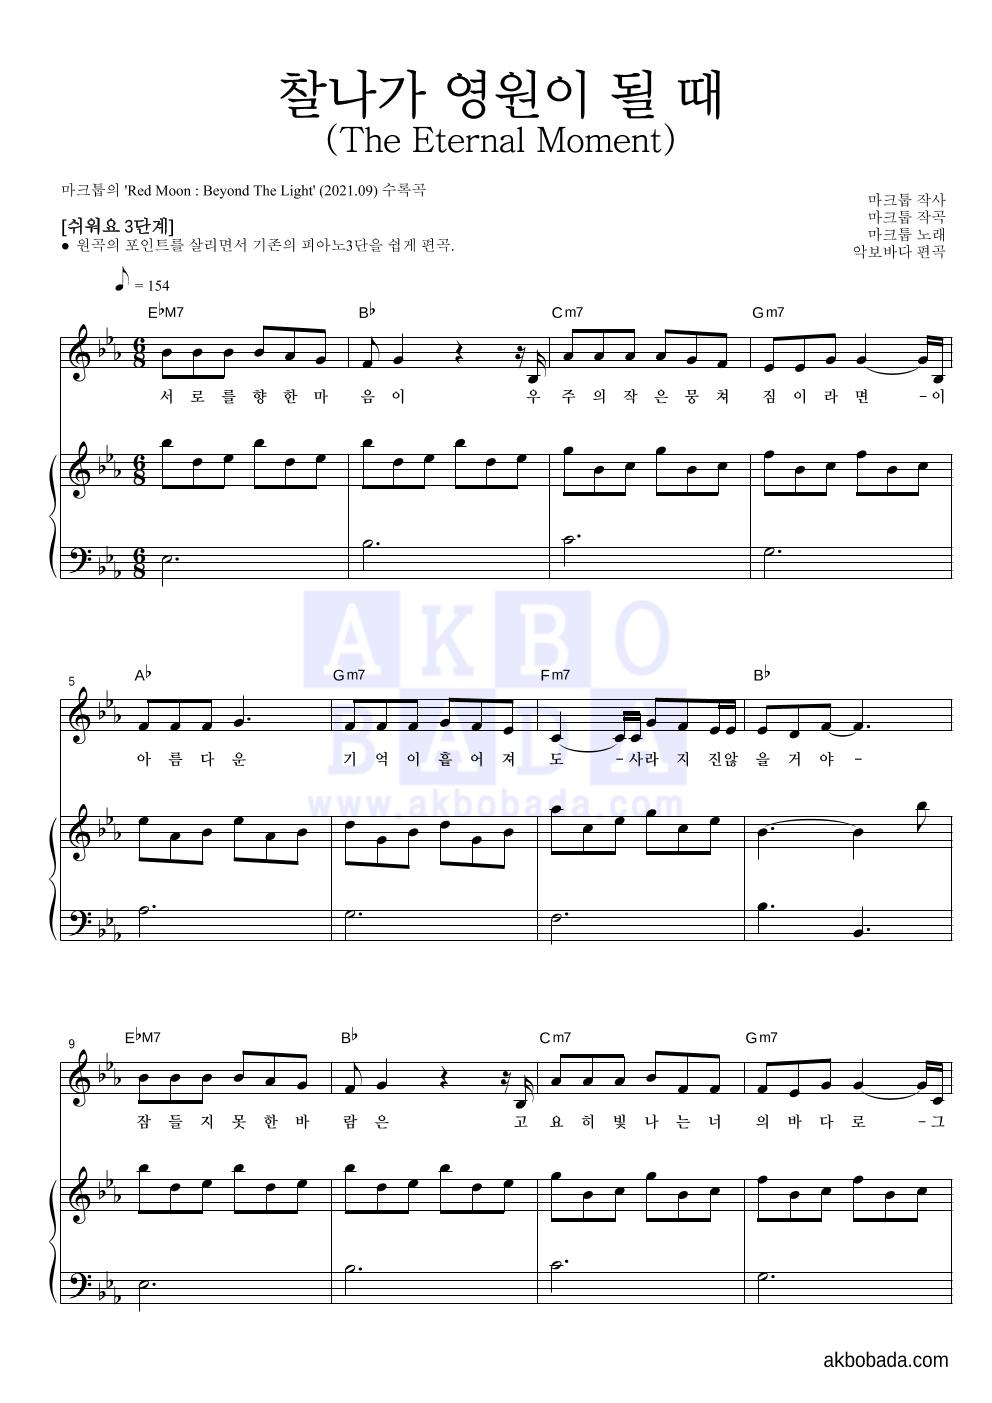 마크툽 - 찰나가 영원이 될 때 (The Eternal Moment) 피아노3단-쉬워요 악보